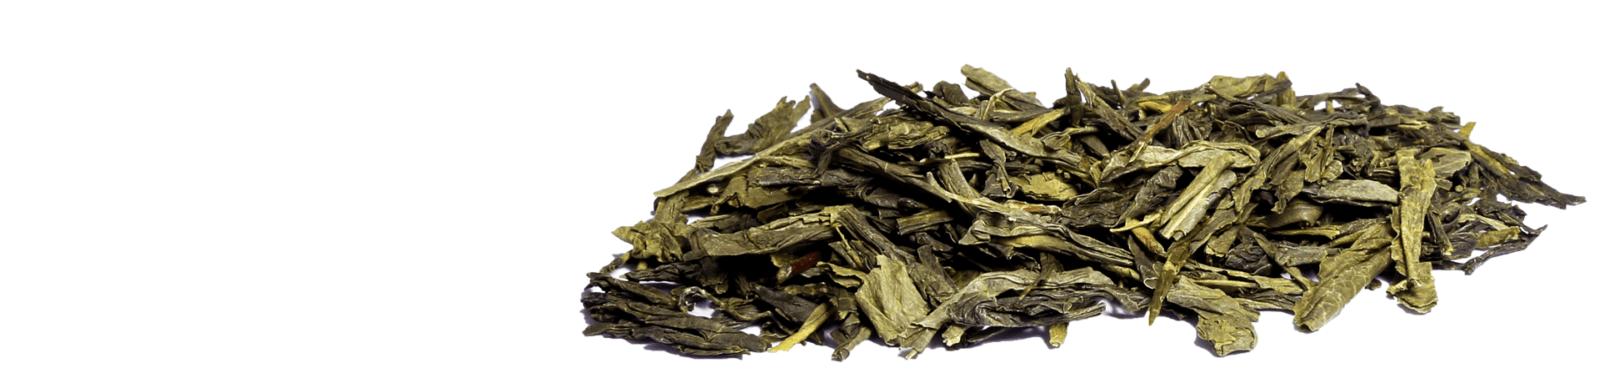 Вы можете купить оптом и в розницу премиальный Японский и Китайский классический зелёный чай Сенча в нашем интернет-магазине со склада в Москве, выбрав по ФОТО или заказав пробник, от Чайной Компании Путь Чая с доставкой по РФ и странам ТС.